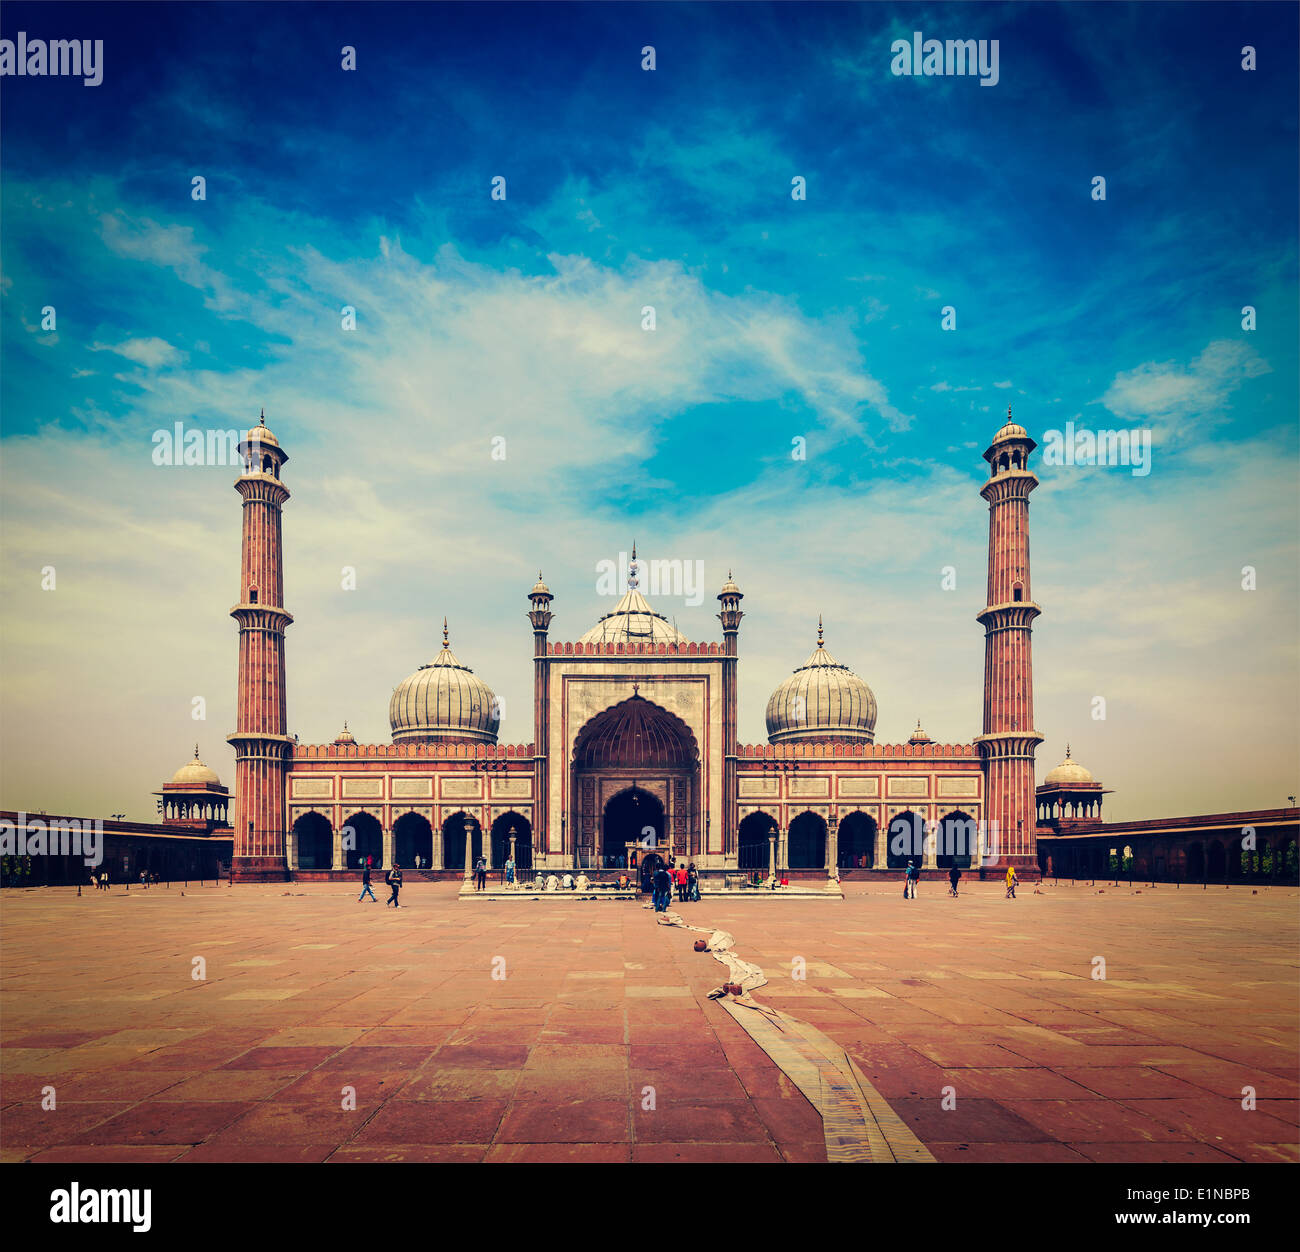 Vintage Retro estilo HIPSTER imagen viajes de Jama Masjid - la mezquita musulmana más grande en la India. Delhi, India Imagen De Stock